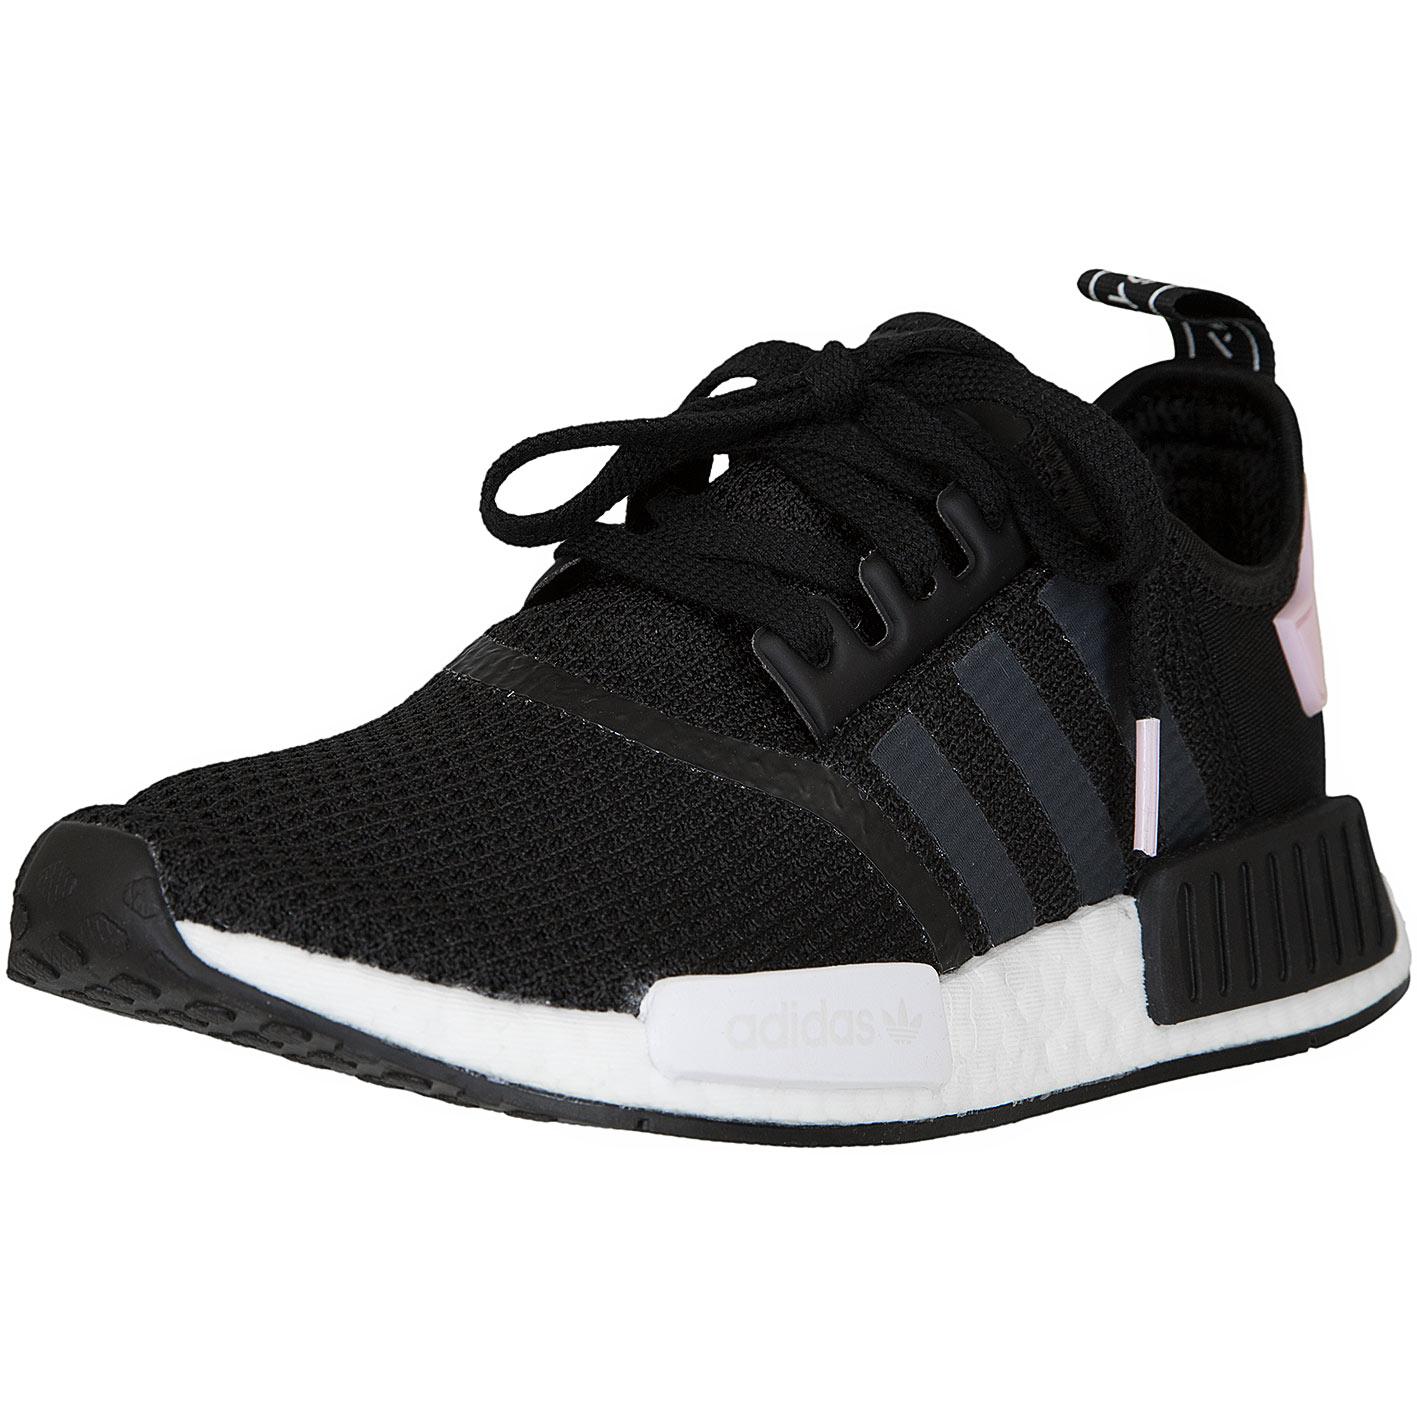 ☆ Adidas Originals Damen Sneaker NMD R1 schwarz/weiß/pink - hier ...